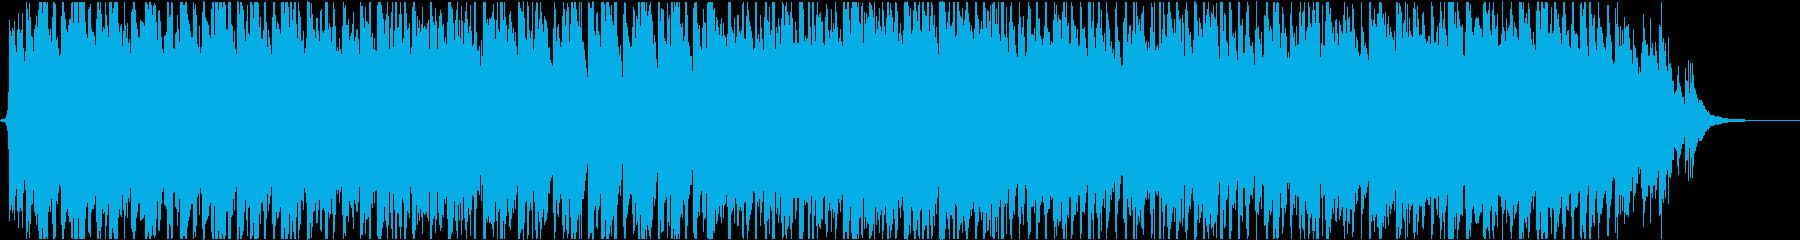 ハロウィン風の行進曲の再生済みの波形